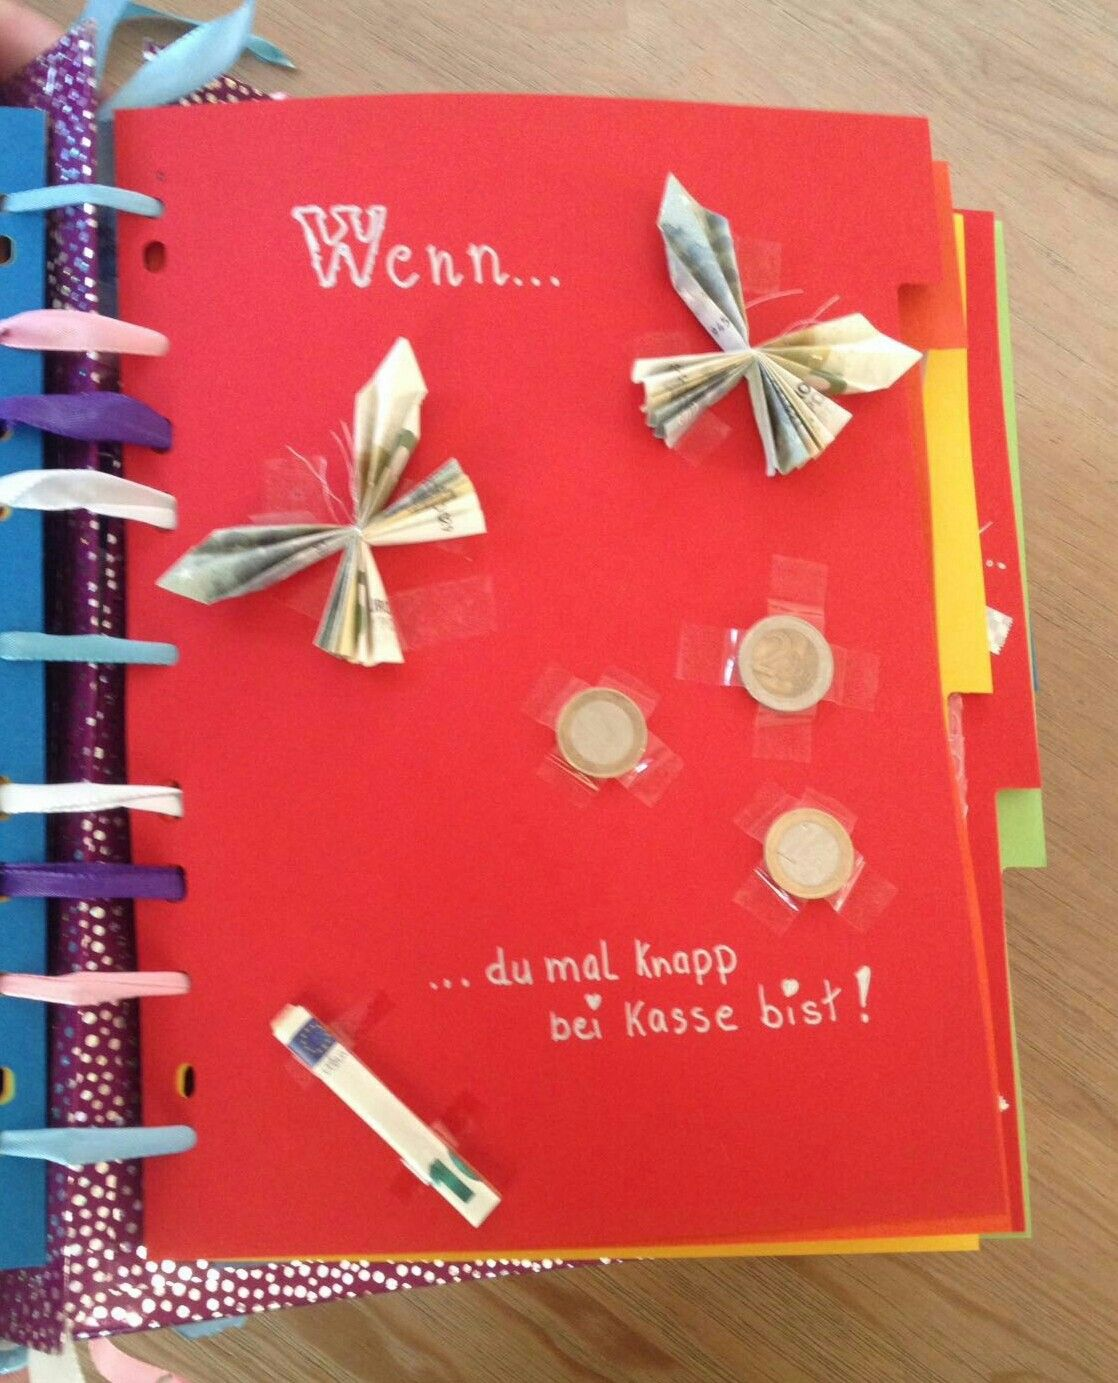 Witzige Geschenke, Geschenke Basteln, Diy Geschenke, Wenn Du Buch,  Herbstlaub, Geburtstag Geschenke, Jugendweihe, Selbstgemachte Geschenke,  Abschied